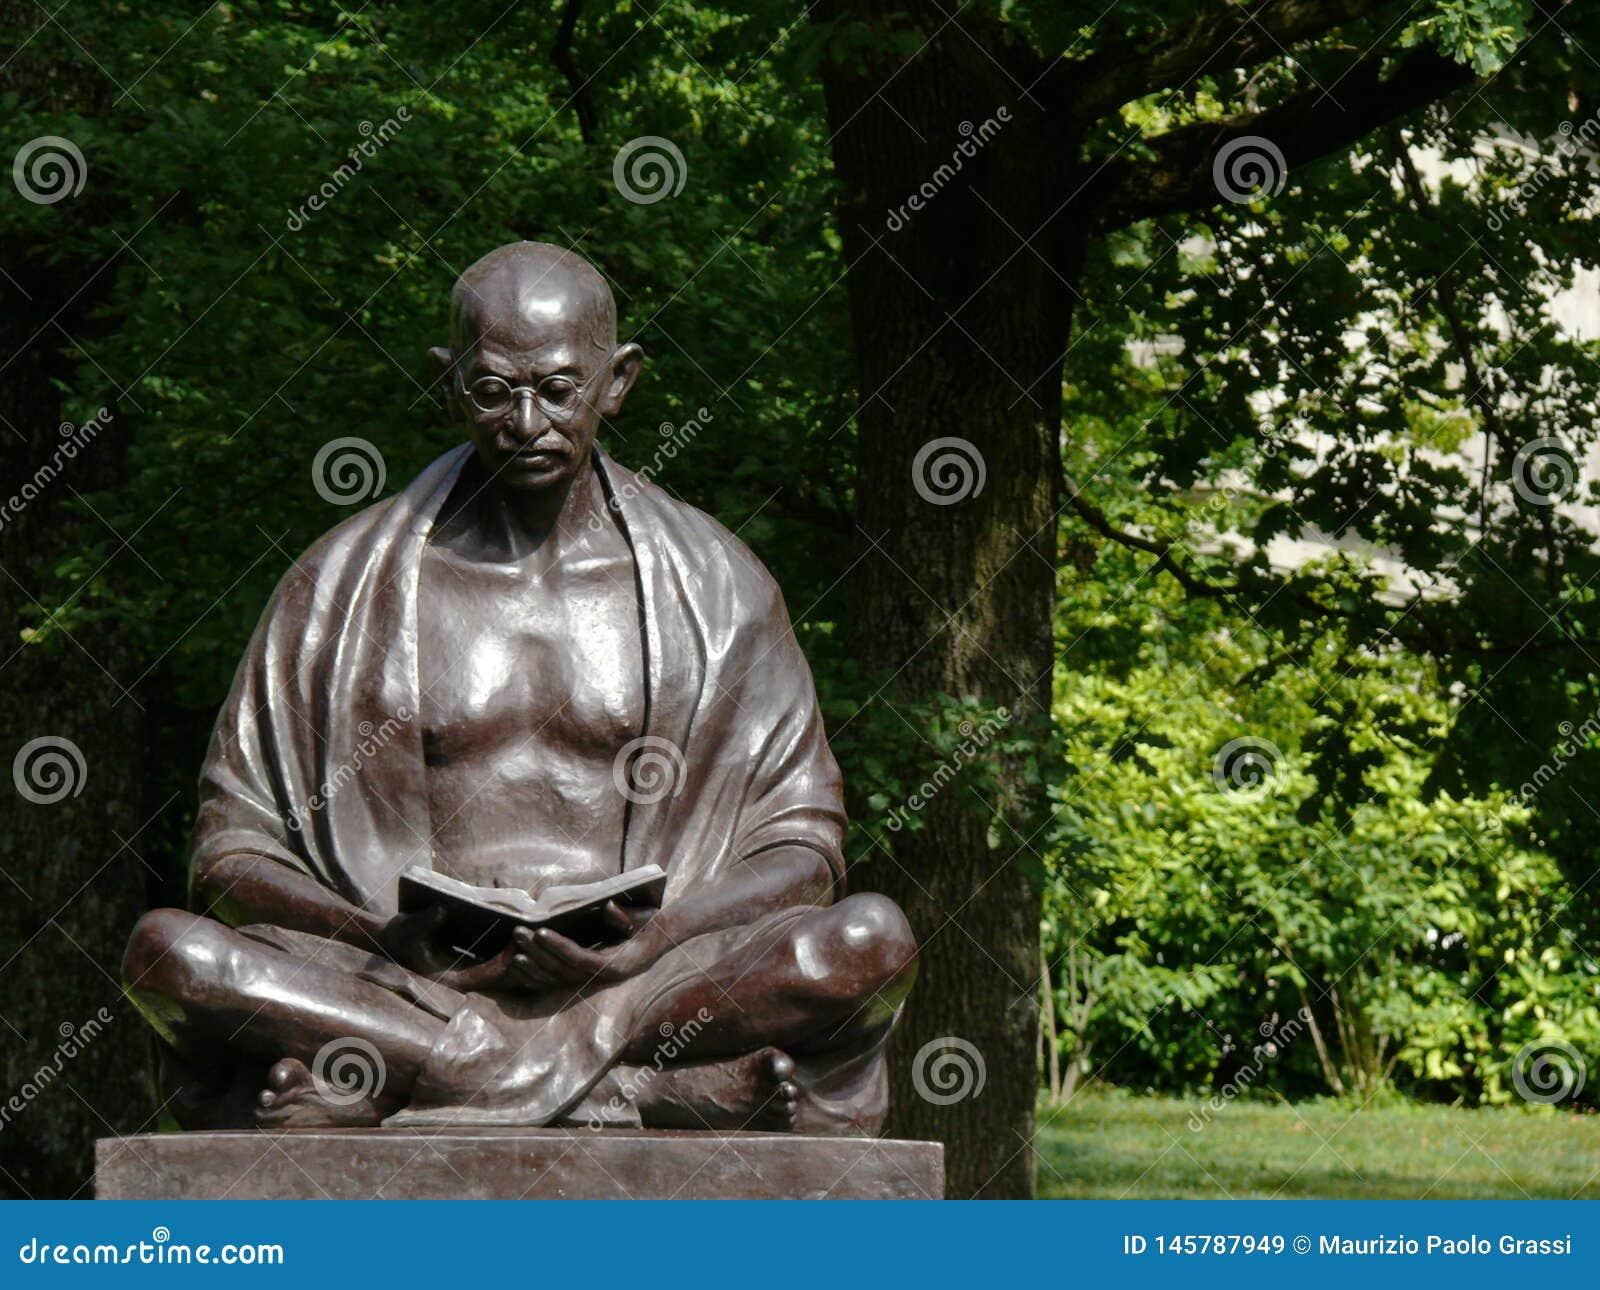 Genewa, Szwajcaria 07/31/2009 Statua Mahatma Gandhi w